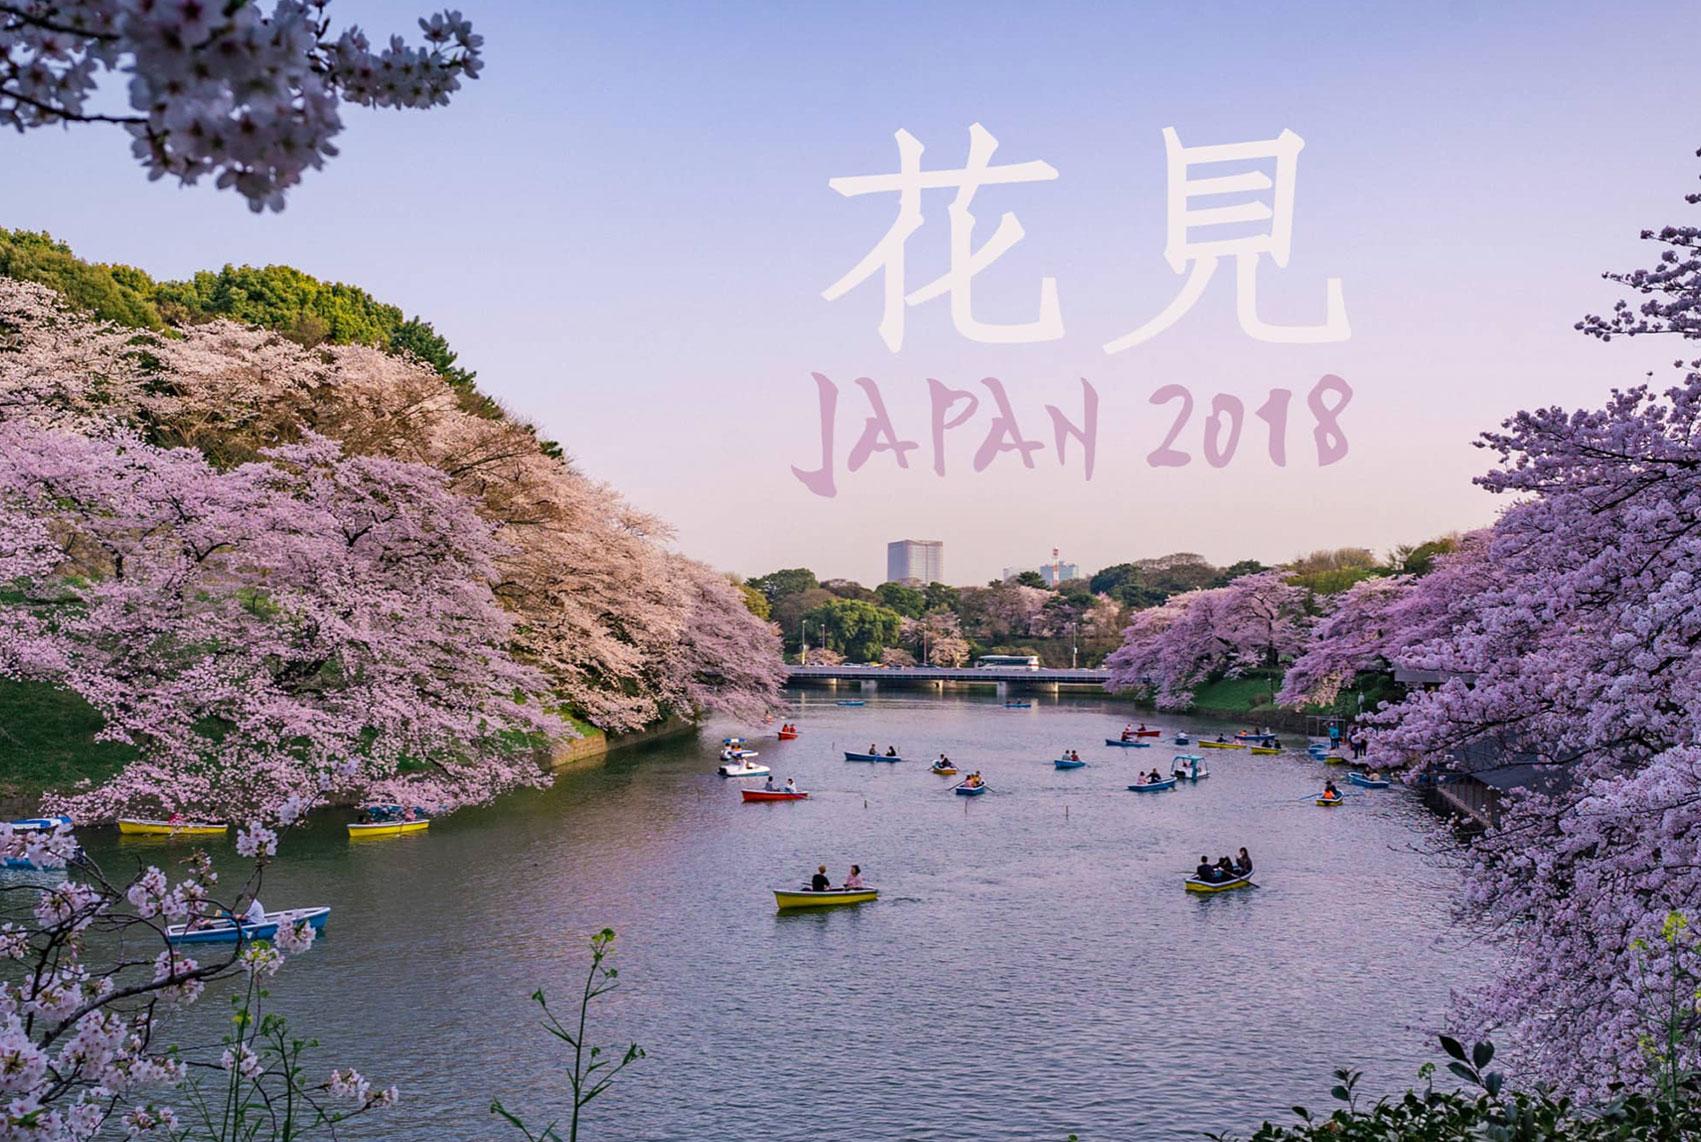 花見 – Japan 2018